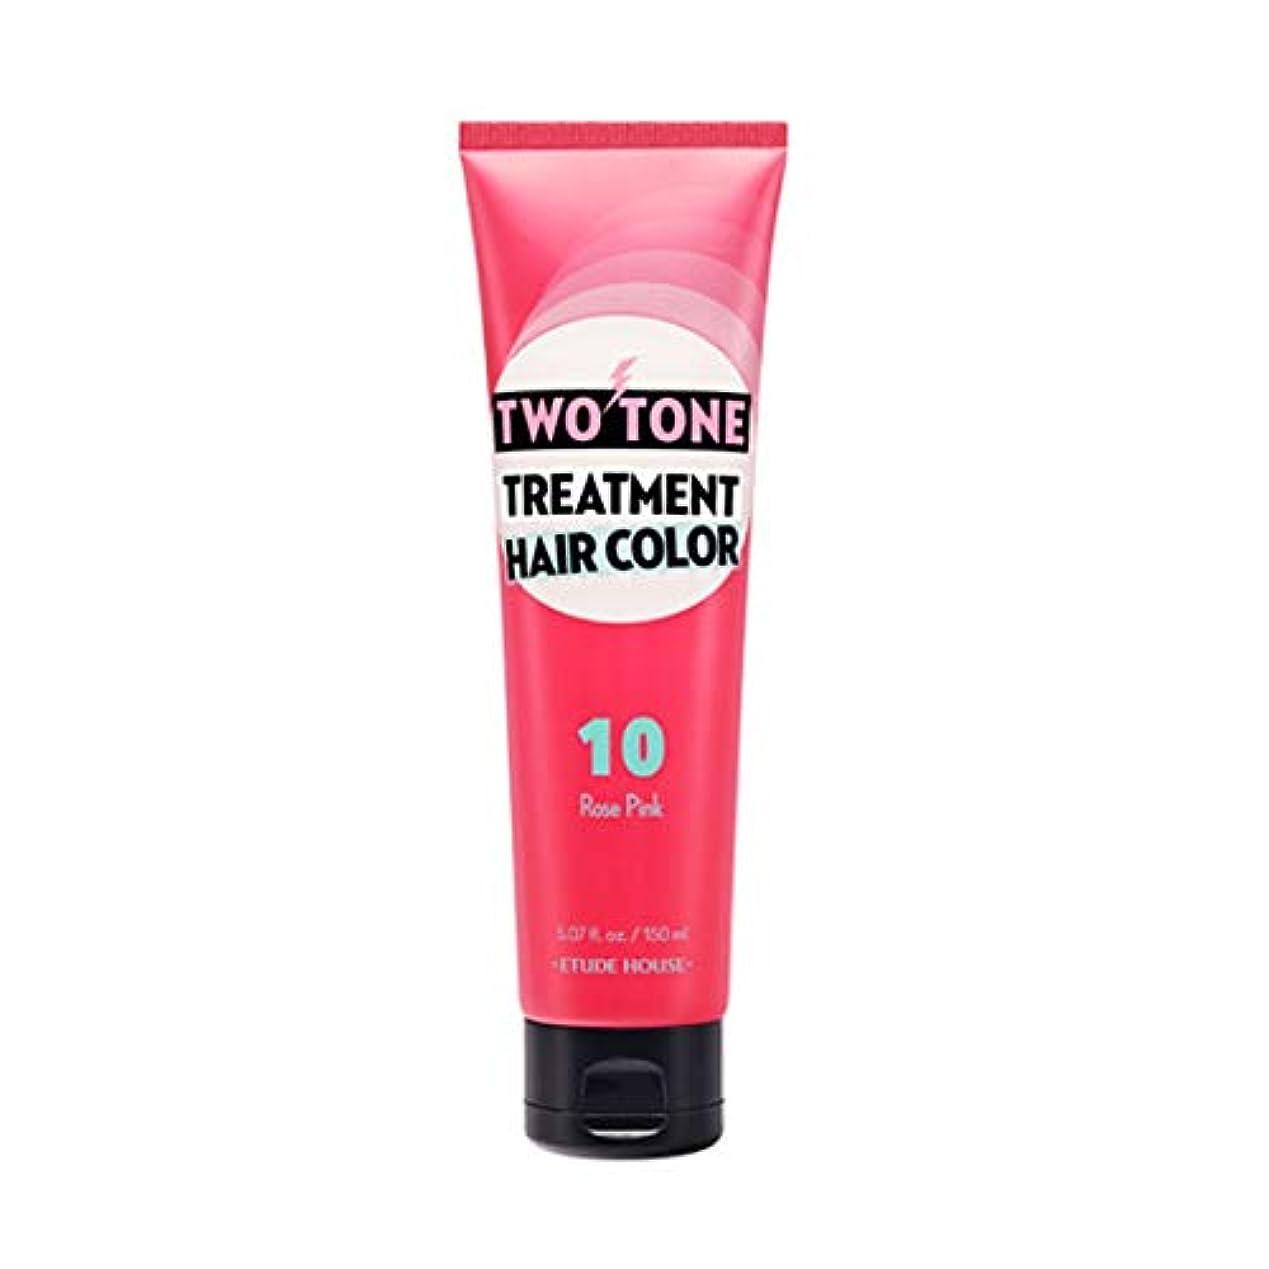 落胆する曲がった悩むETUDE HOUSE Two Tone Treatment Hair Color (#10 Rose Pink) エチュードハウス ツートントリートメントヘアカラー150ml (#10 ローズピンク)